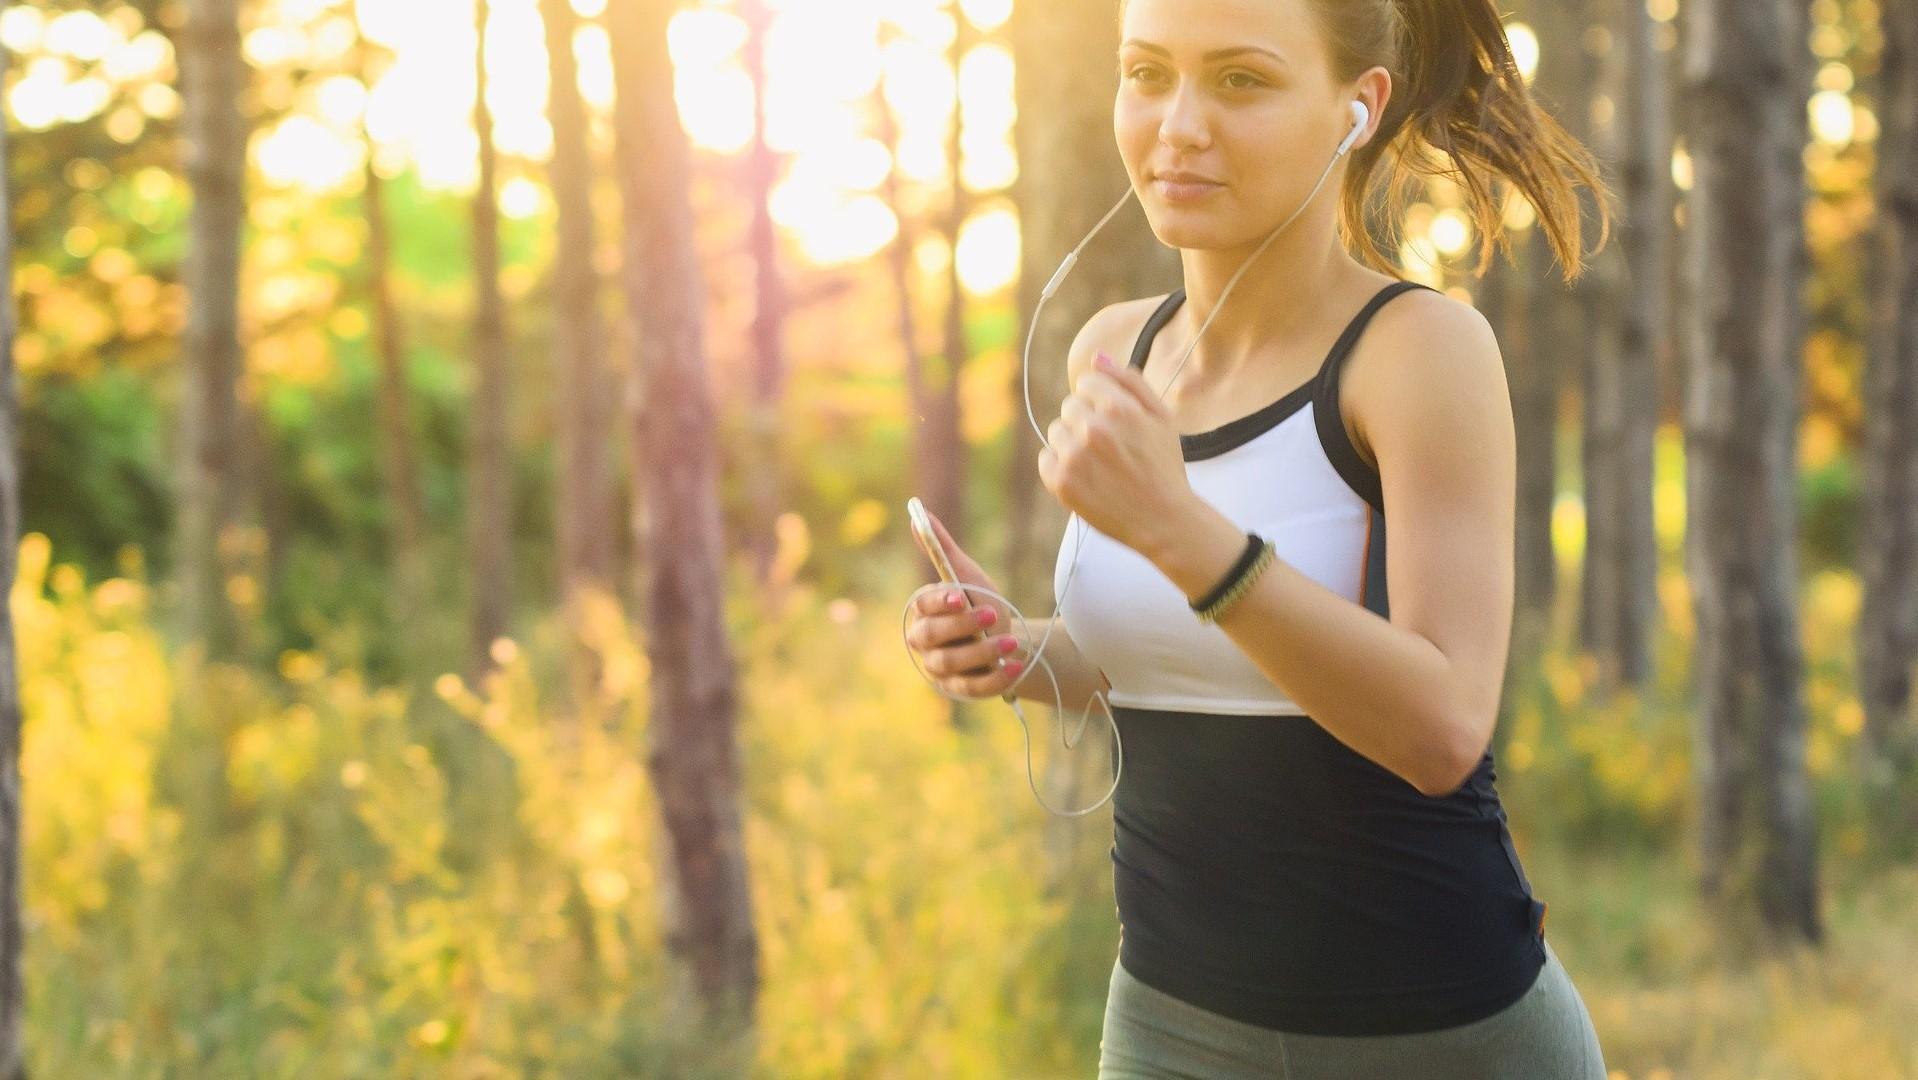 In der Nacht joggen: Ist das gesund oder gefährlich? Einfach erklärt